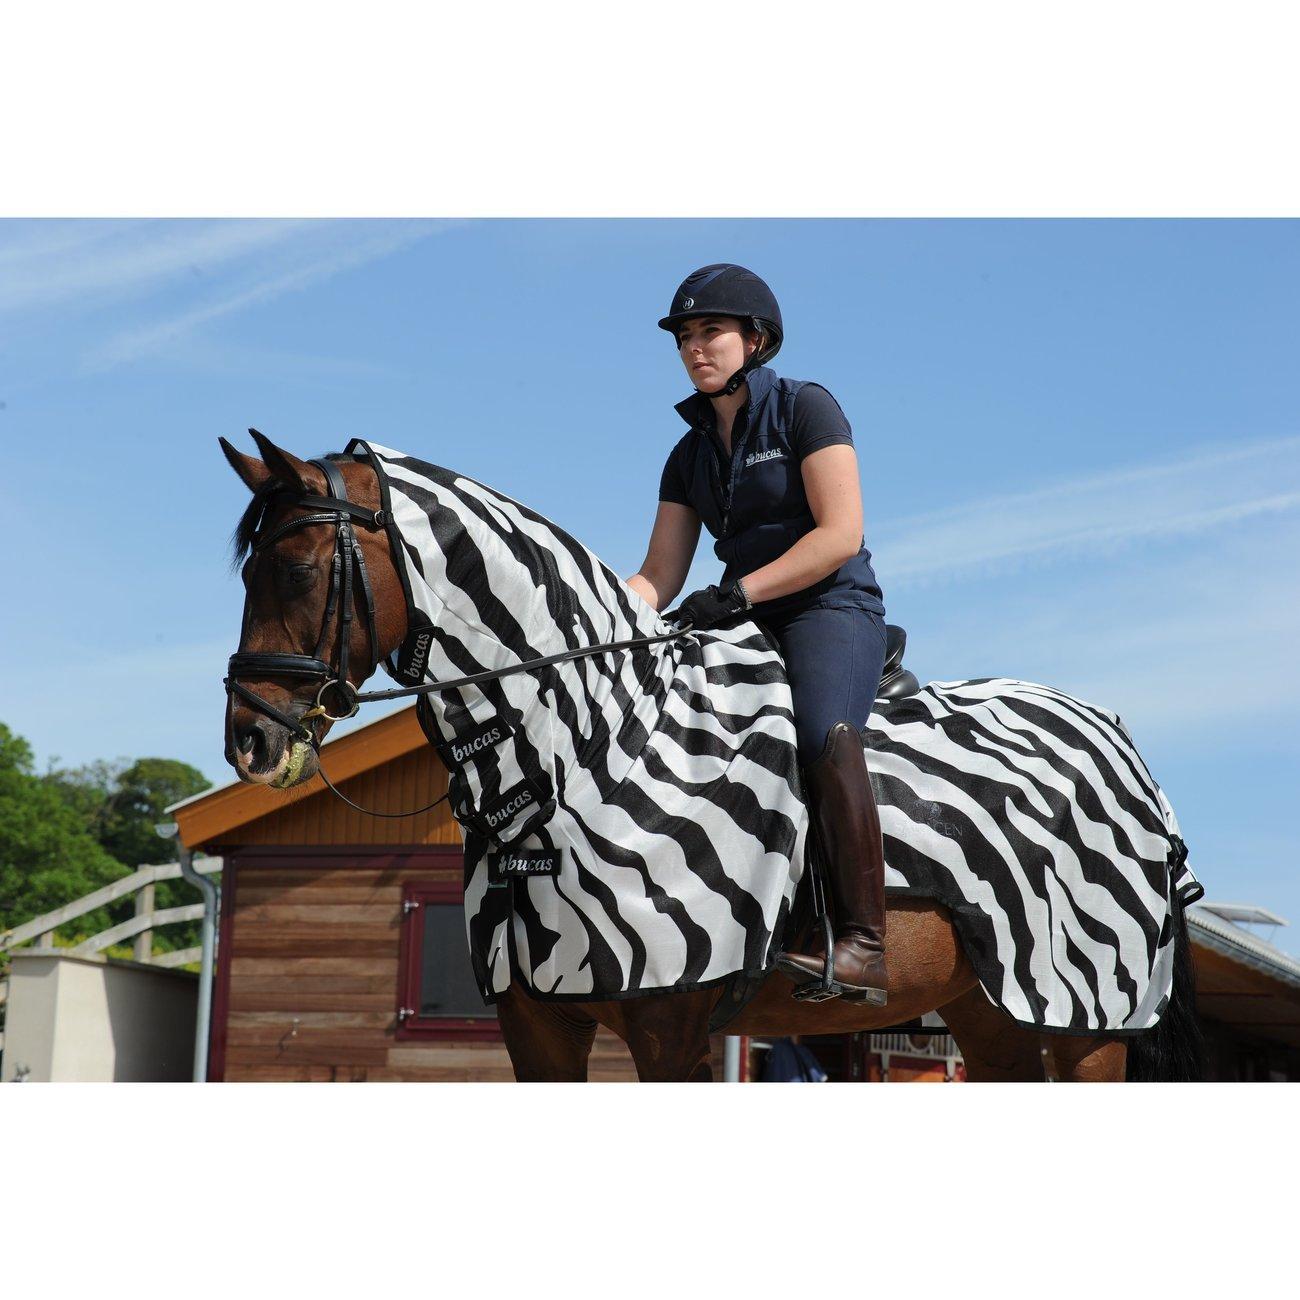 Buzz Off Riding Zebra Ausreitdecke Bild 6